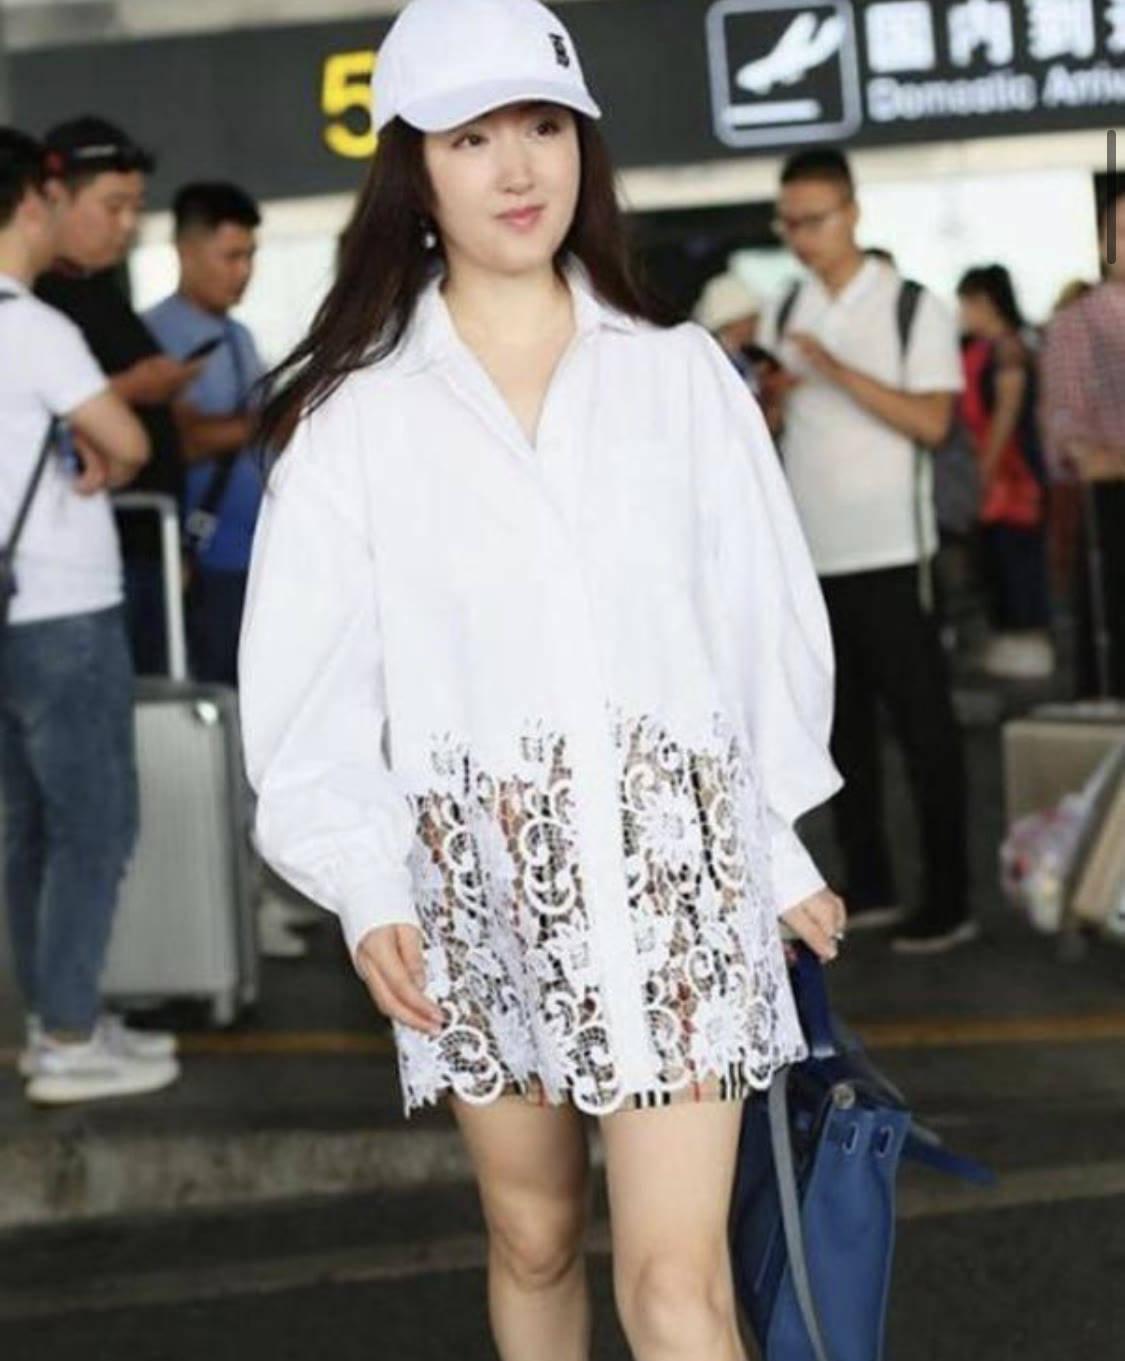 杨钰莹把自己当小姑娘,穿白衬衫下摆还镂空,玩下衣失踪真时髦